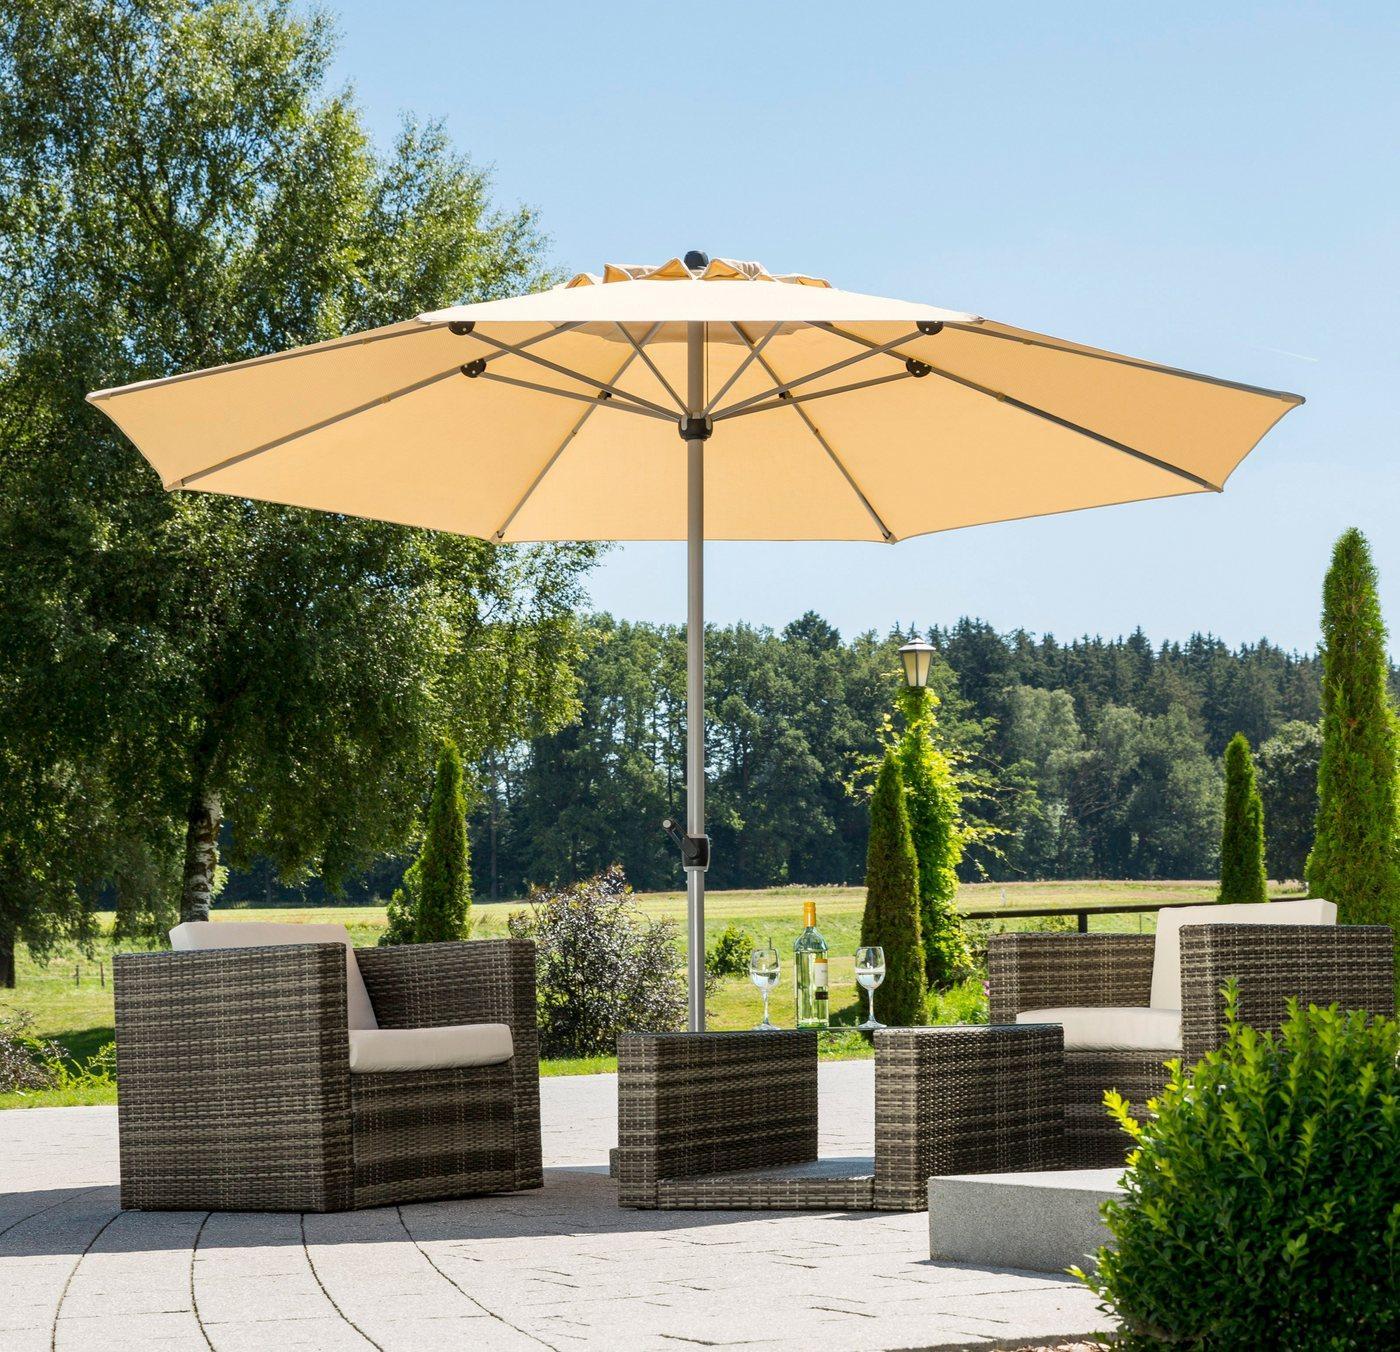 Schneider Schirme Sonnenschirm »Gemini«, LxB: 360x360 cm, ohne Schirmständer, beige